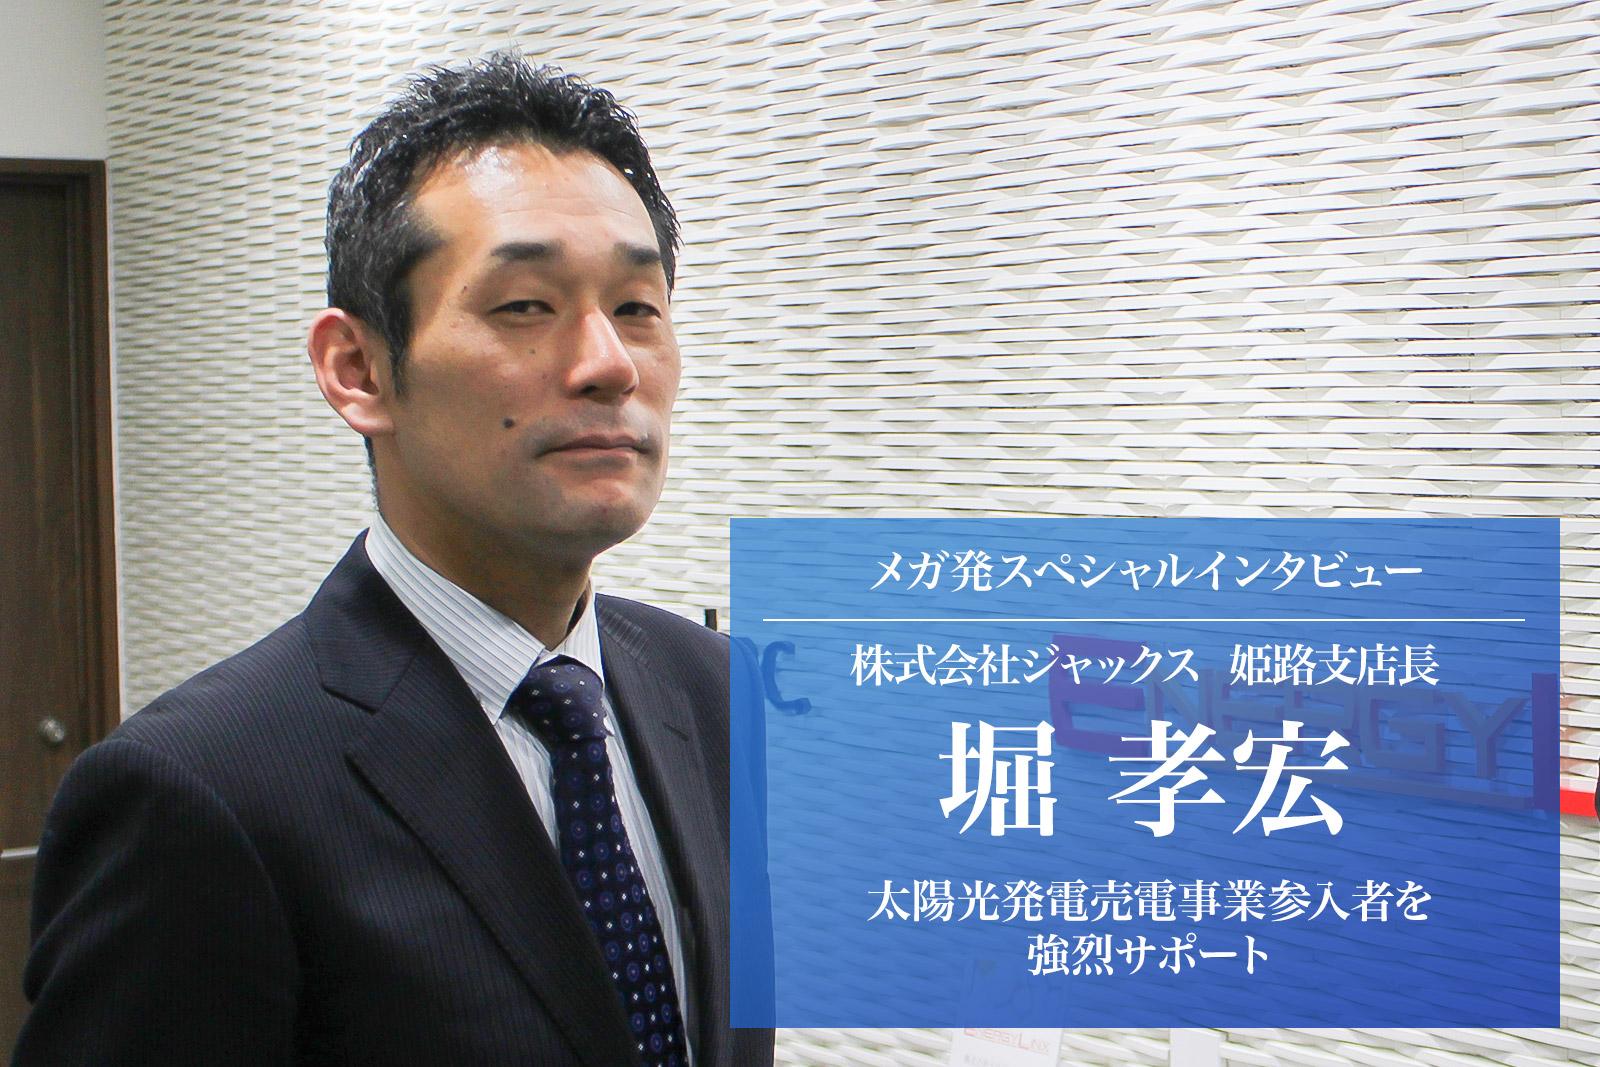 【メガ発インタビュー】株式会社ジャックス